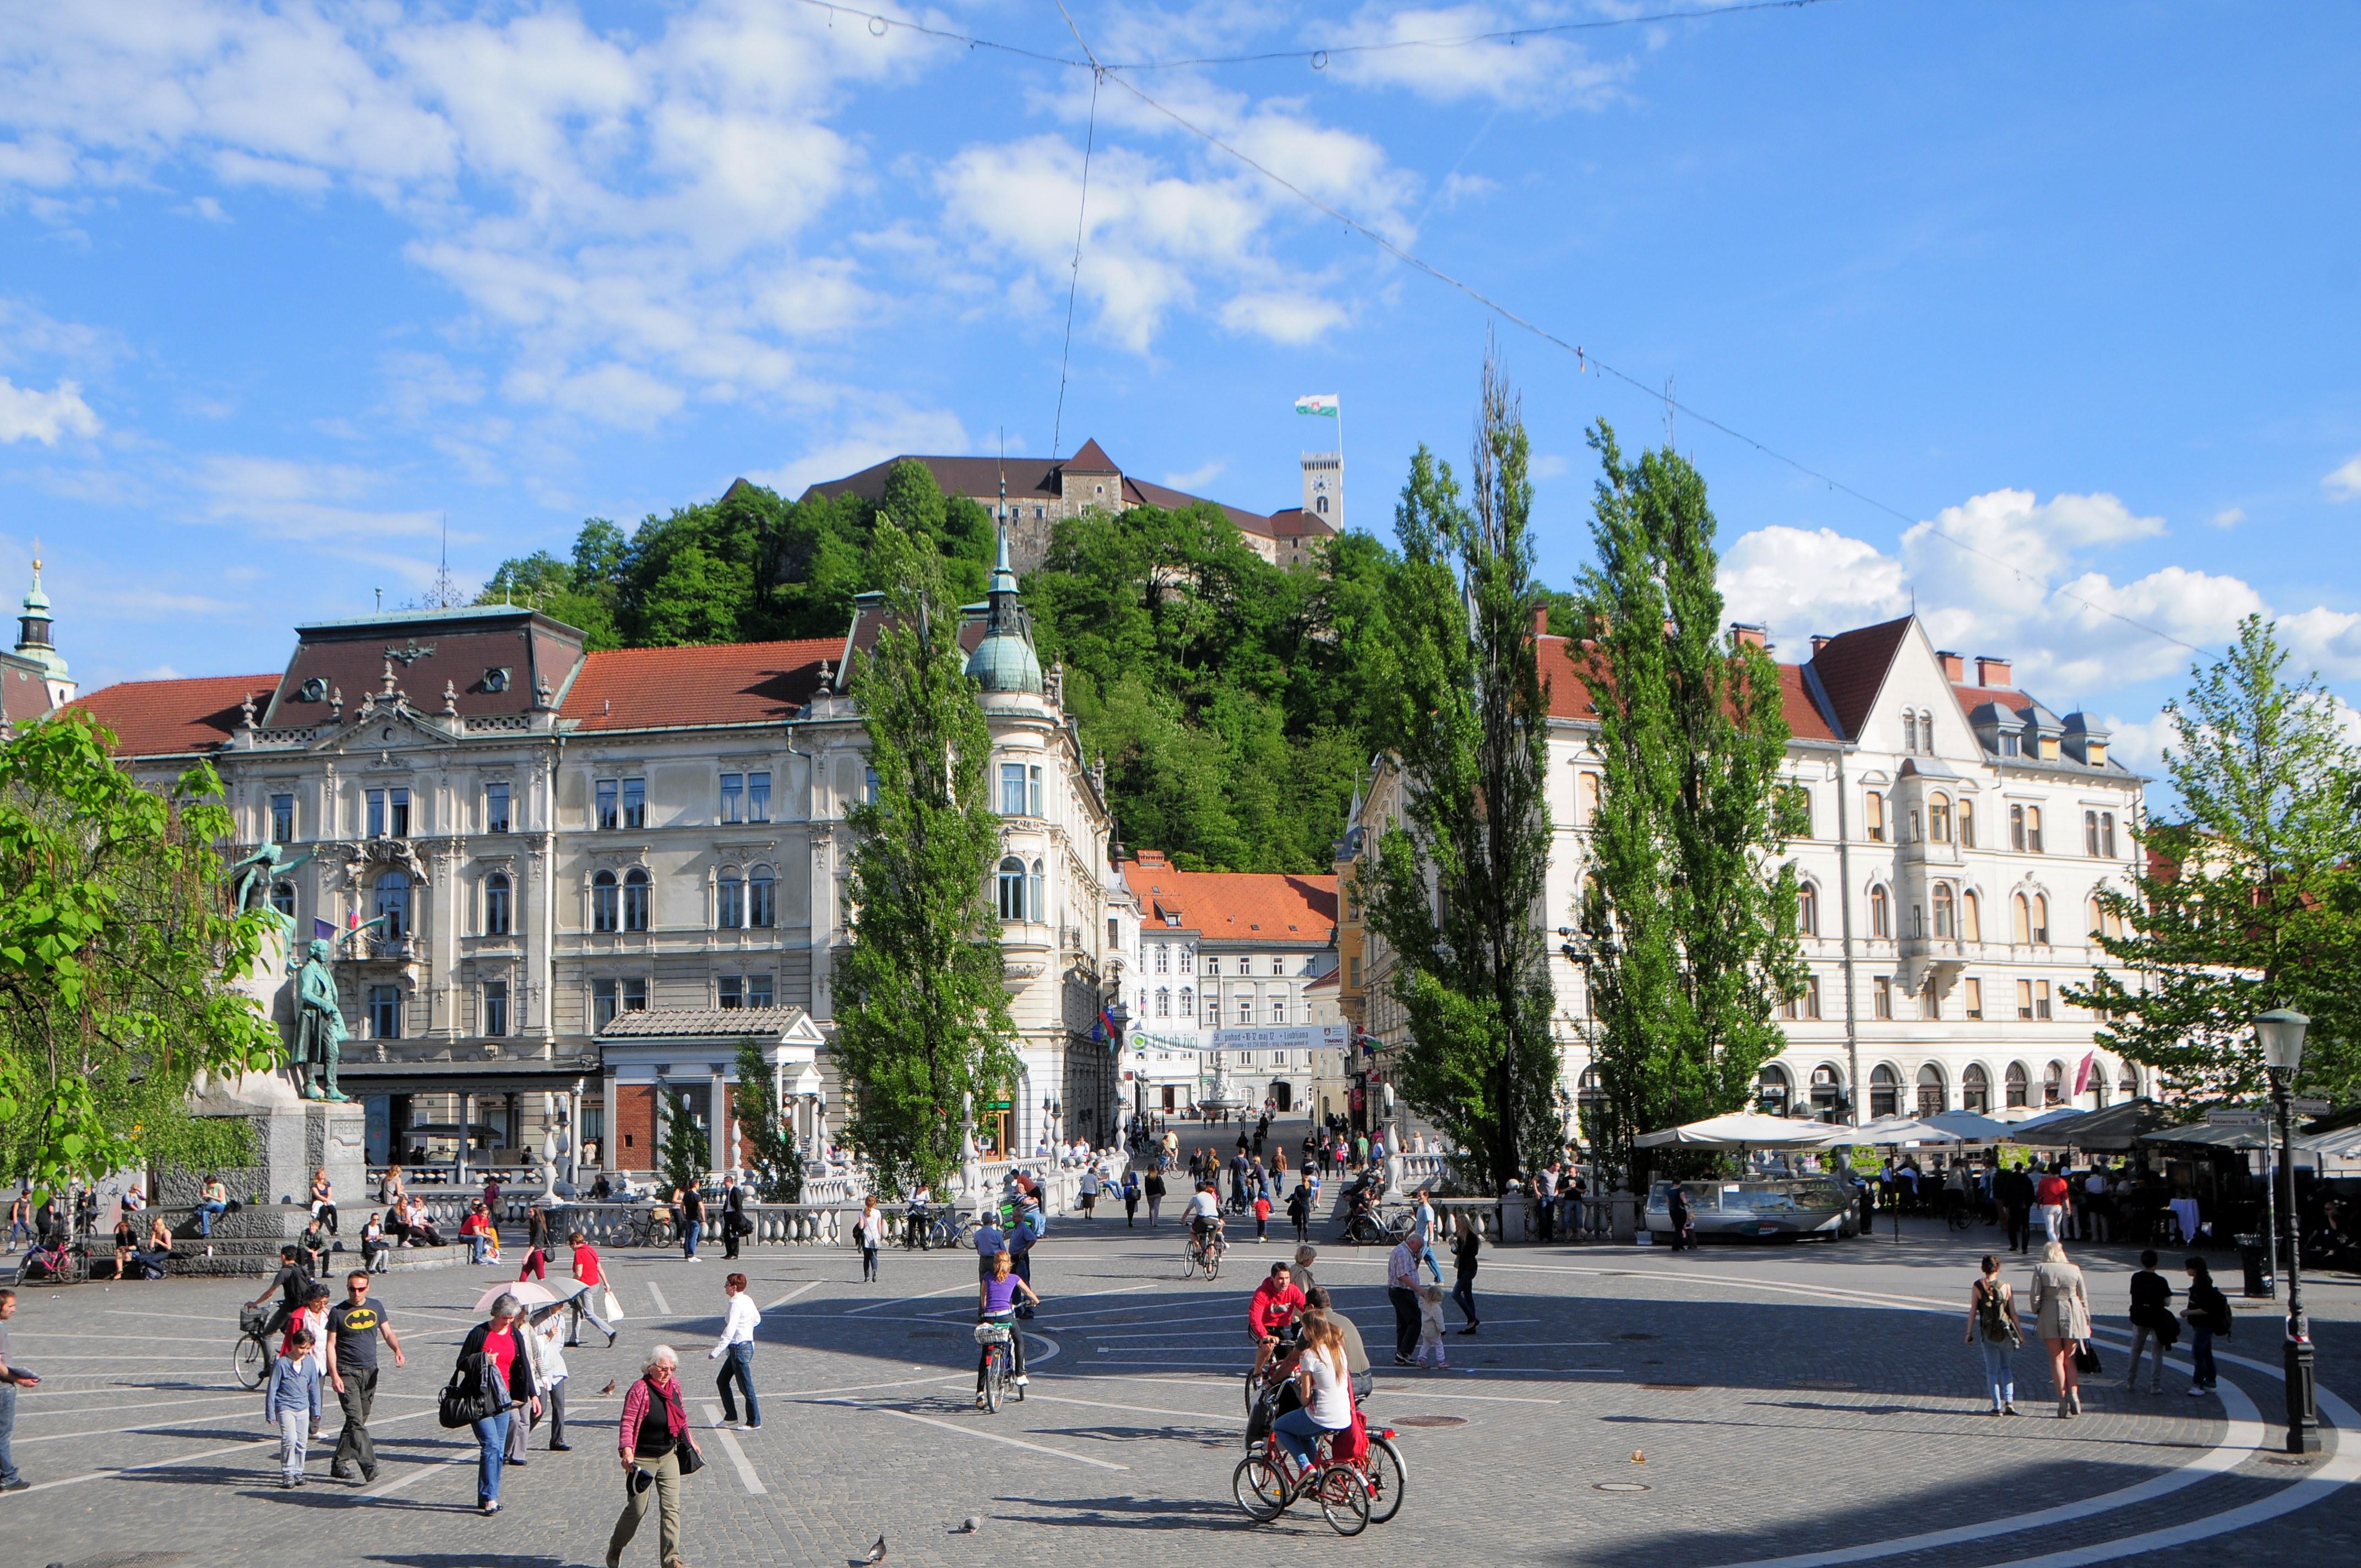 Veduta Presernov in Ljubljana, Slovenia Veduta Presernov in Ljubljana, Slovenia photo by Dunja Wedam